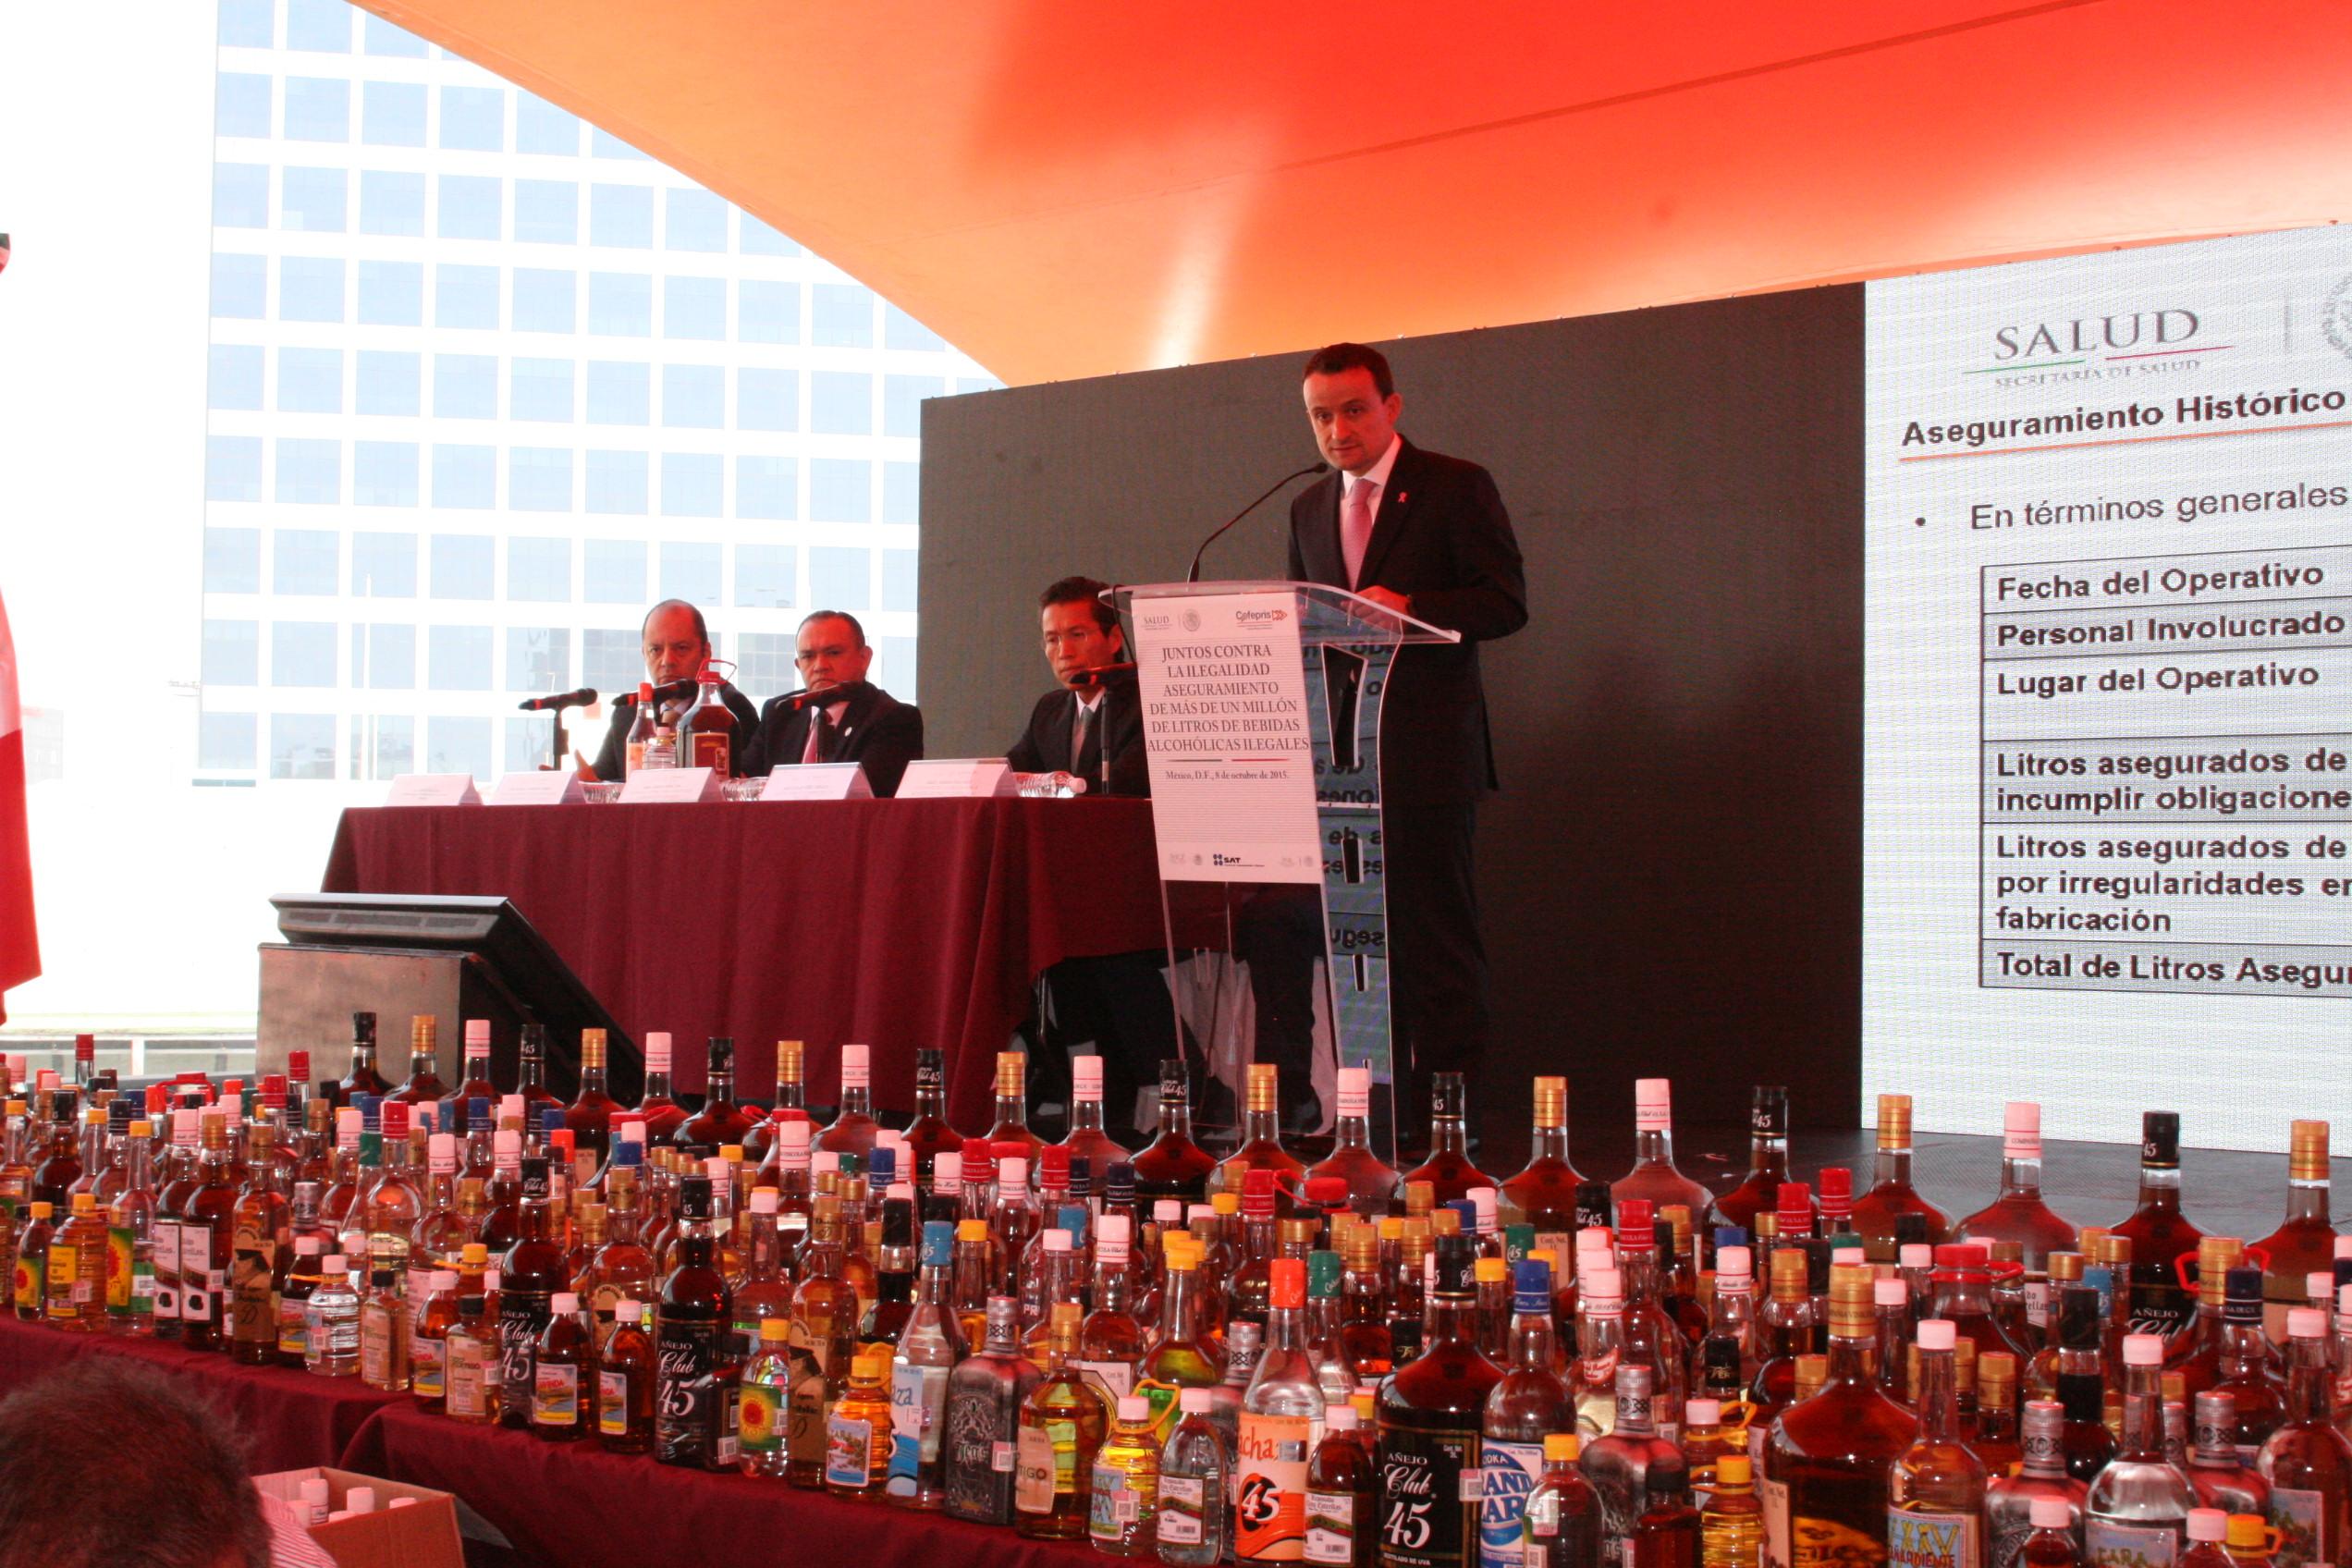 El combate al comercio ilegal de bebidas alcohólicas es prioritaria para el Gobierno de la República, con el fin de fomentar la legalidad y preservar el Estado de Derecho.